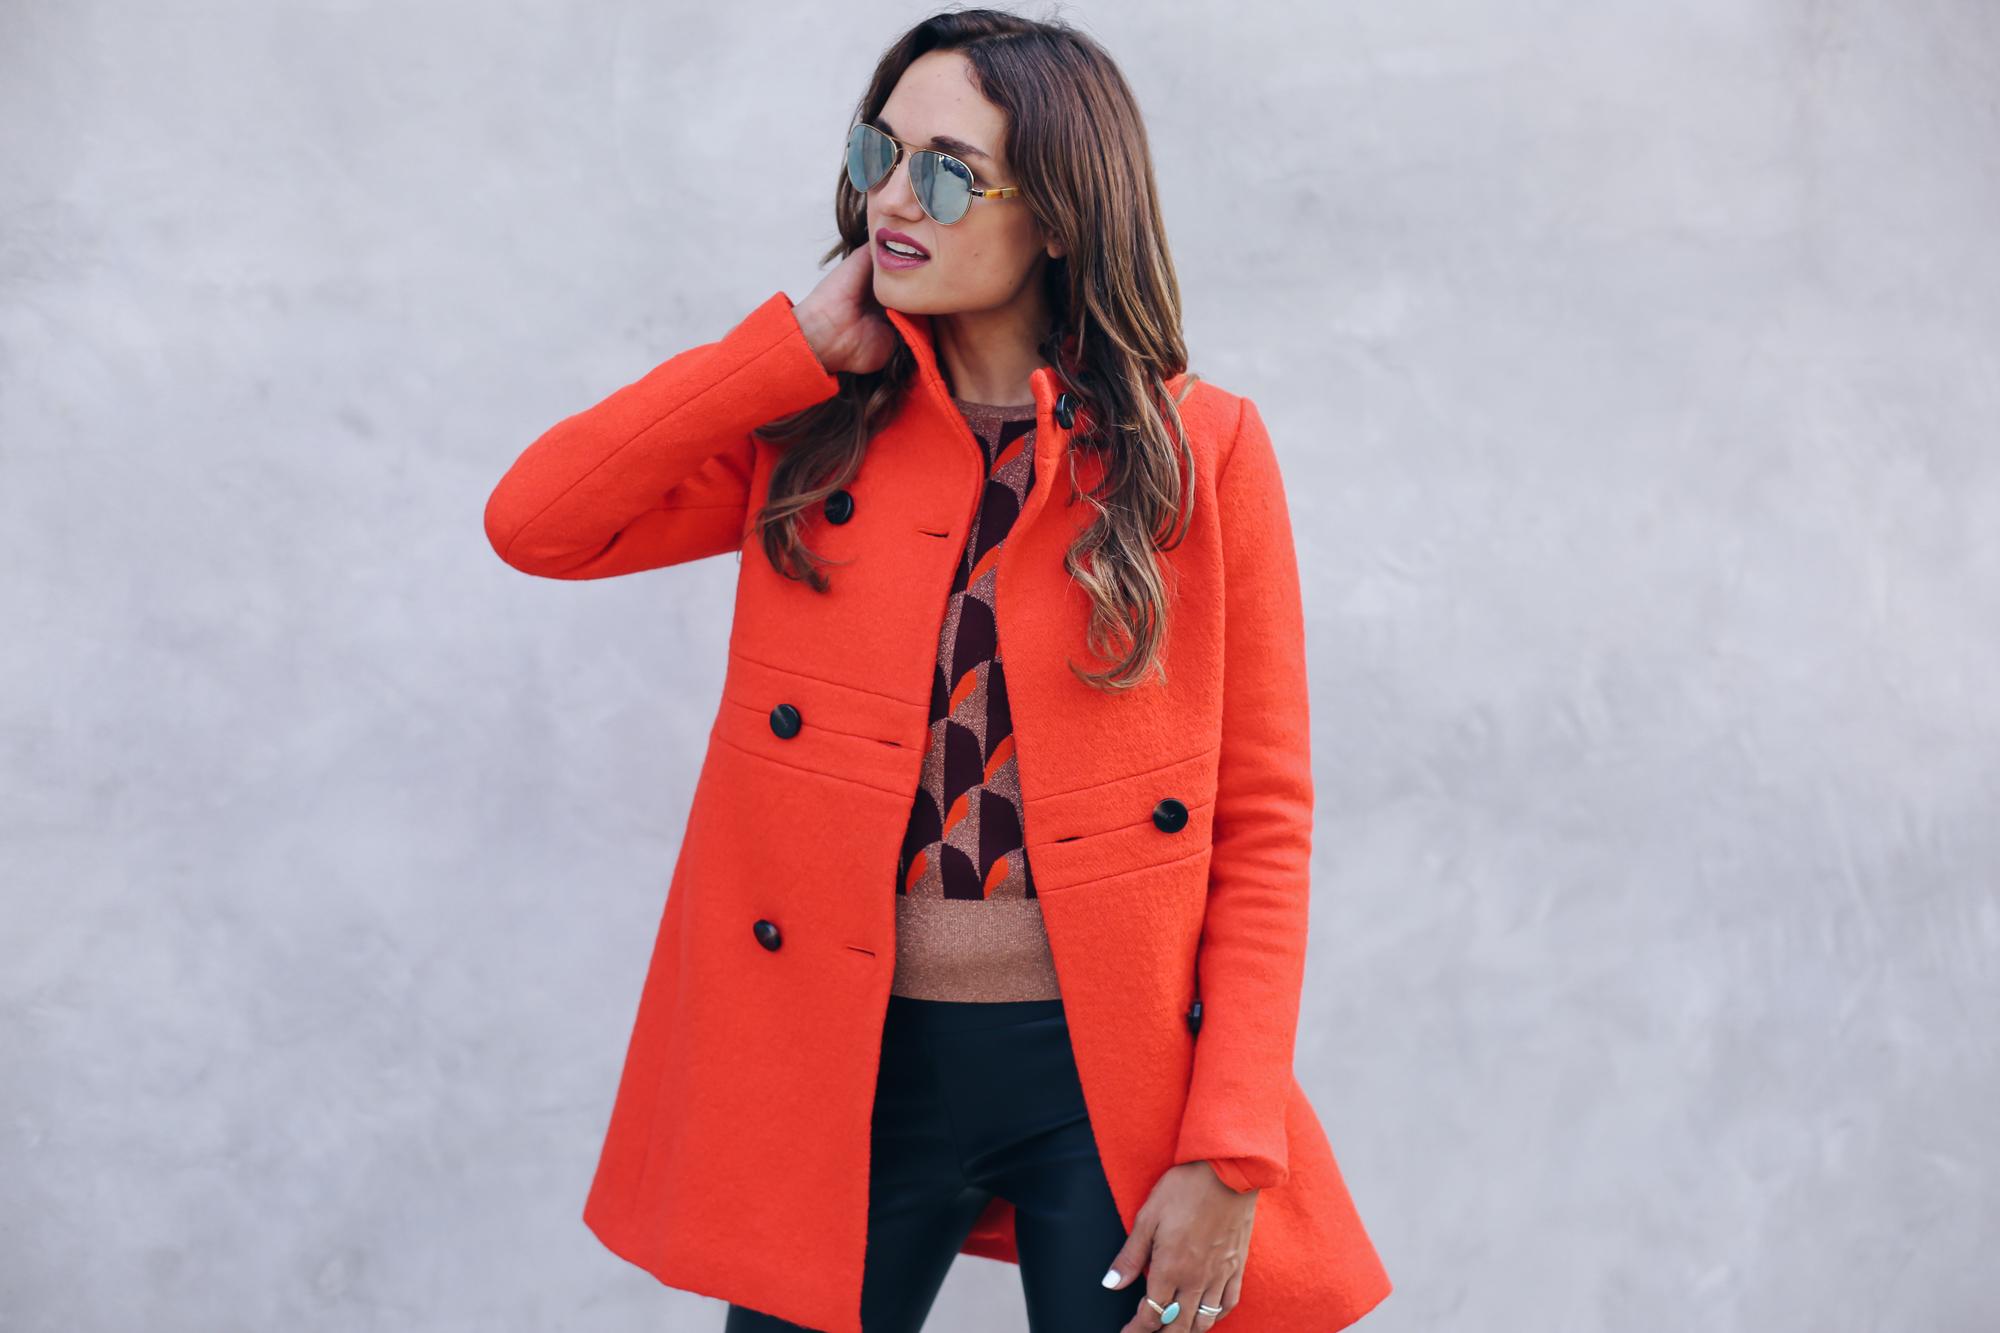 1-orange-jacket-ann-taylor-shalice-noel-ryanbyryanchua-7890